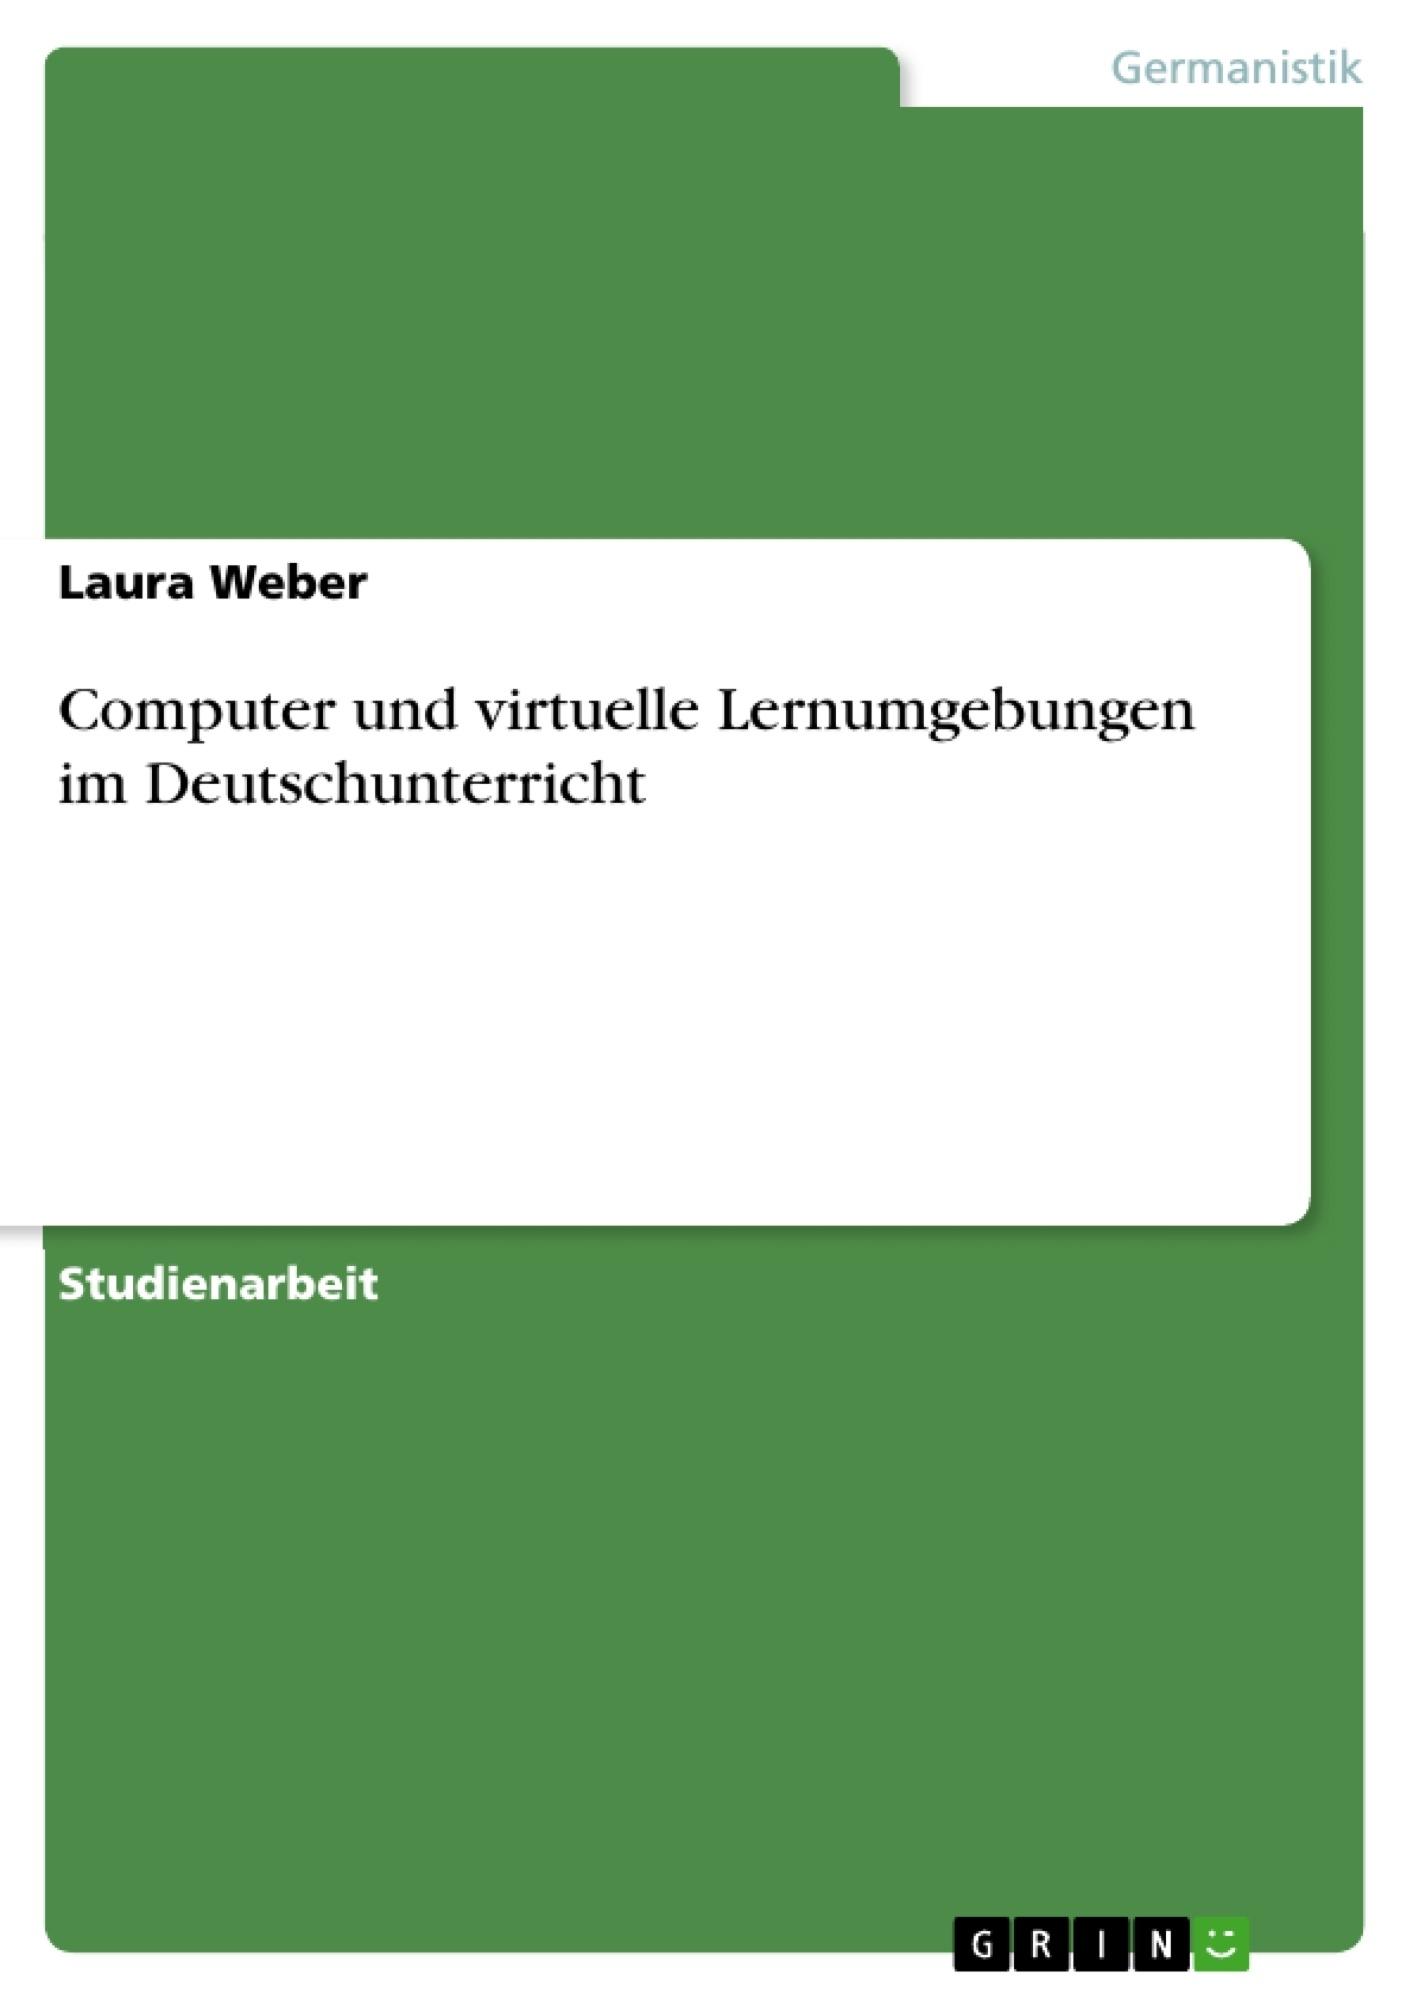 Titel: Computer und virtuelle Lernumgebungen im Deutschunterricht